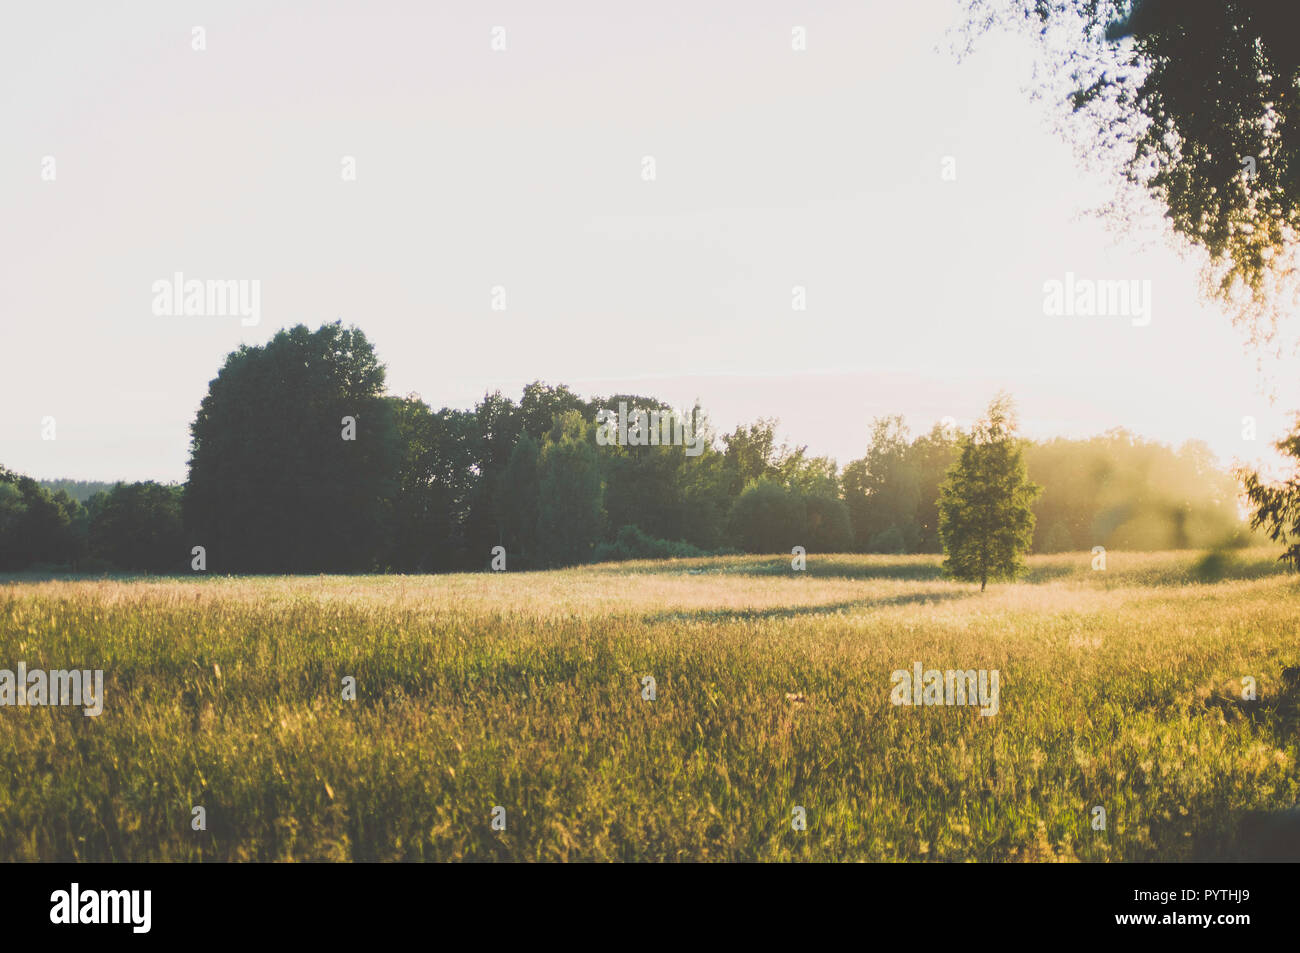 Bouleau dans le champ d'herbe. Longue soirée d'ombres. Photo Stock